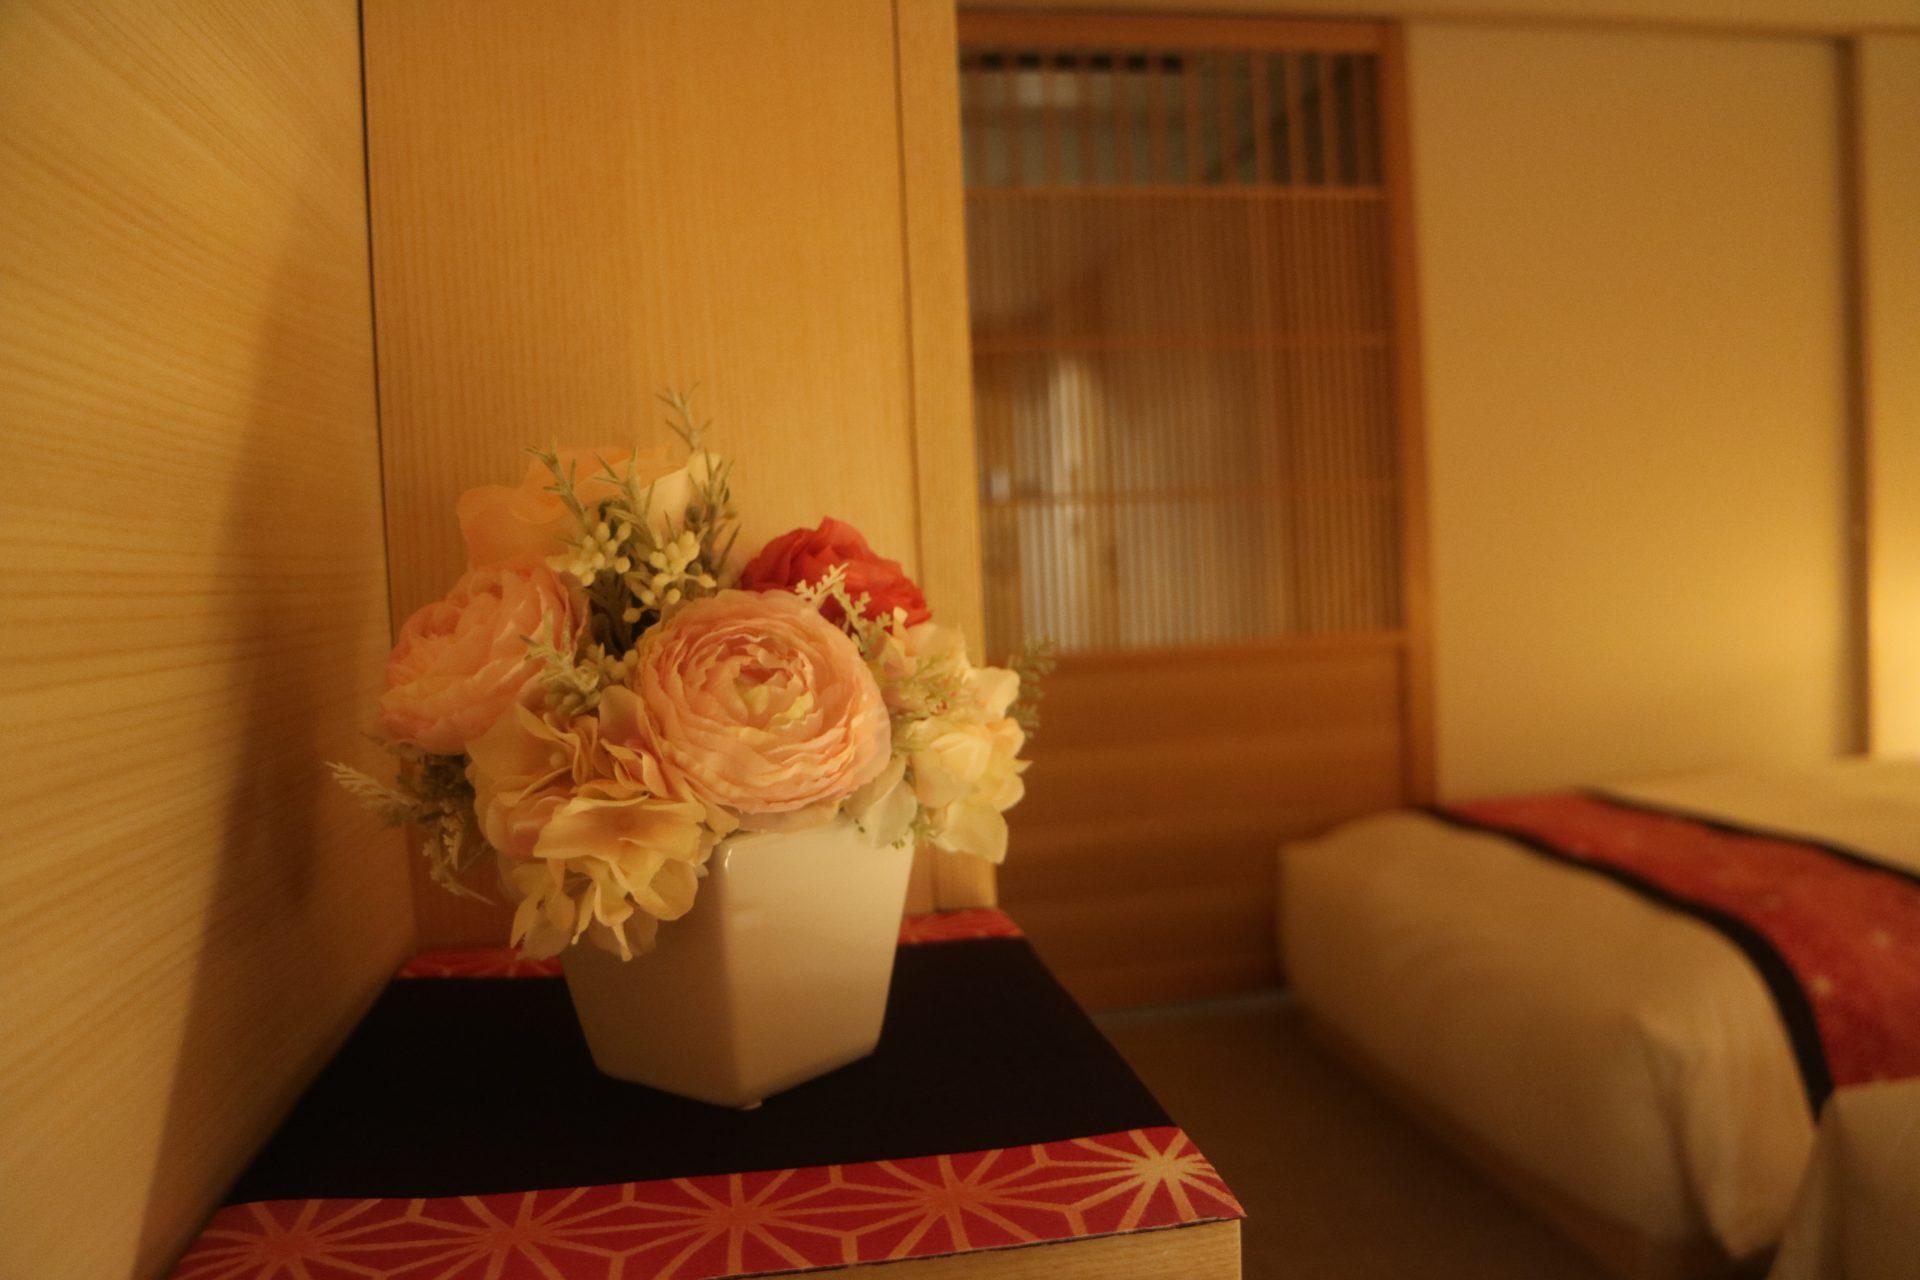 ★レディースルーム新設記念★期間限定SALE!美しい和風ルームに手ぶらでOK♪(素泊まり)